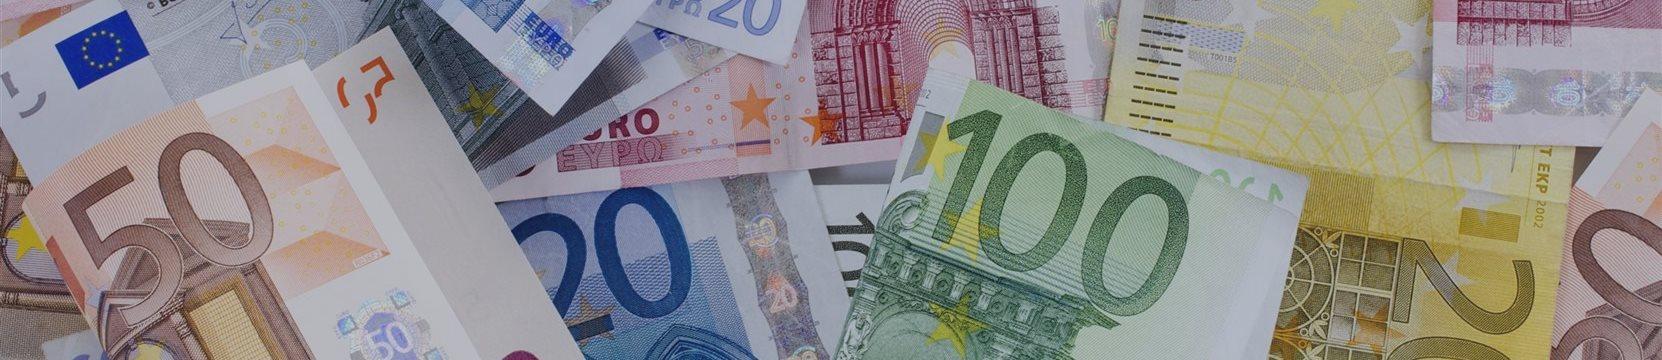 Евро упал к основным валютам из-за Греции